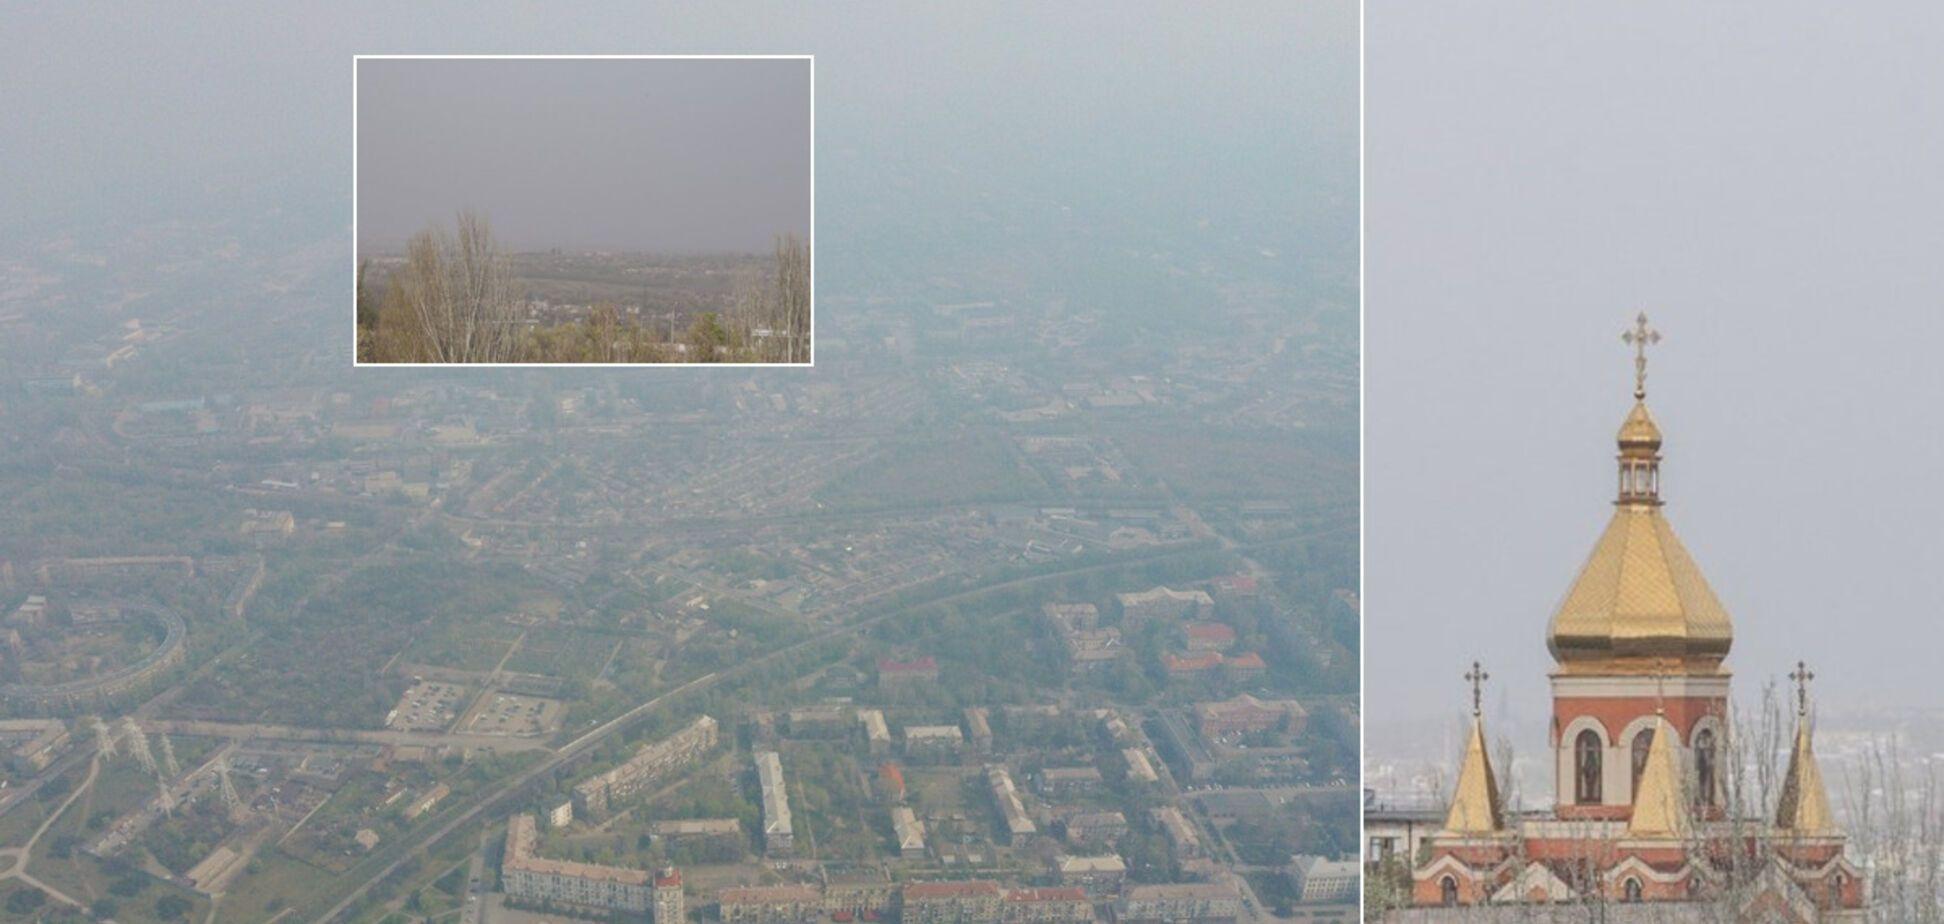 Міста України потонули в смозі: що відбувається та коли закінчиться пилове пекло